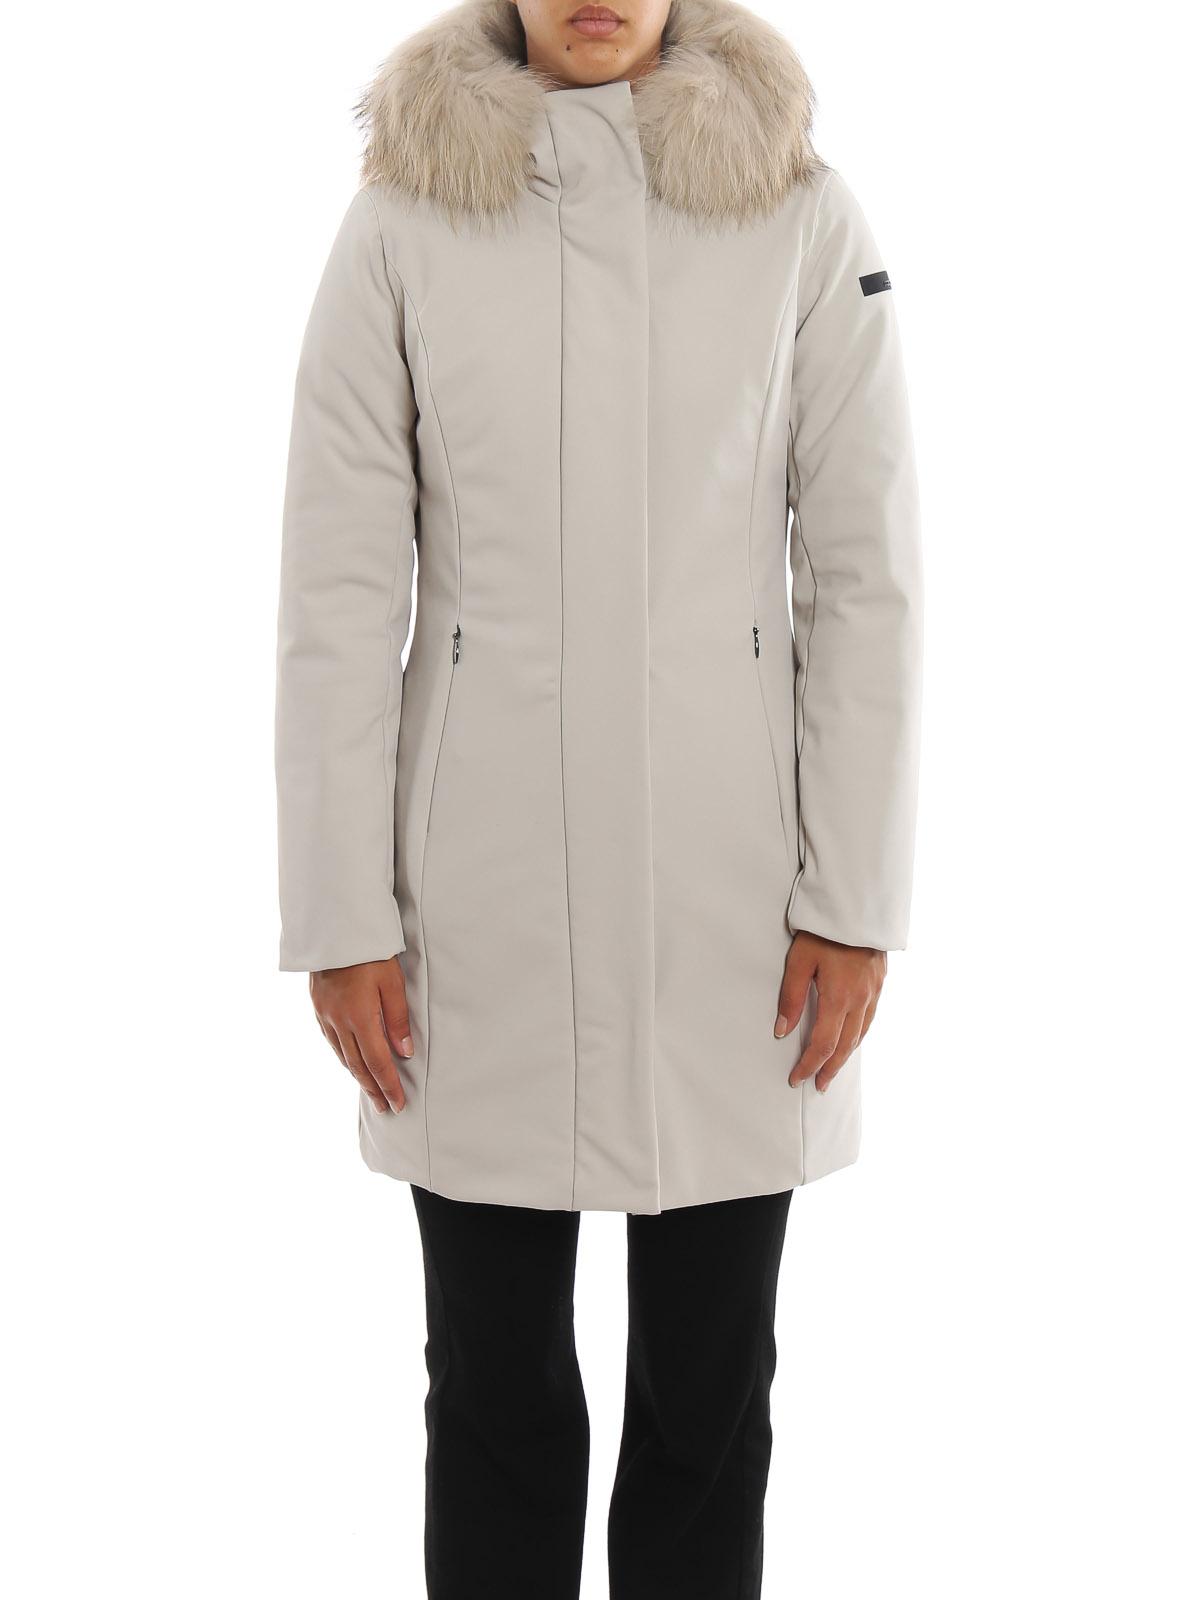 RRD Piumino Winter Long Lady Fur cappotti imbottiti